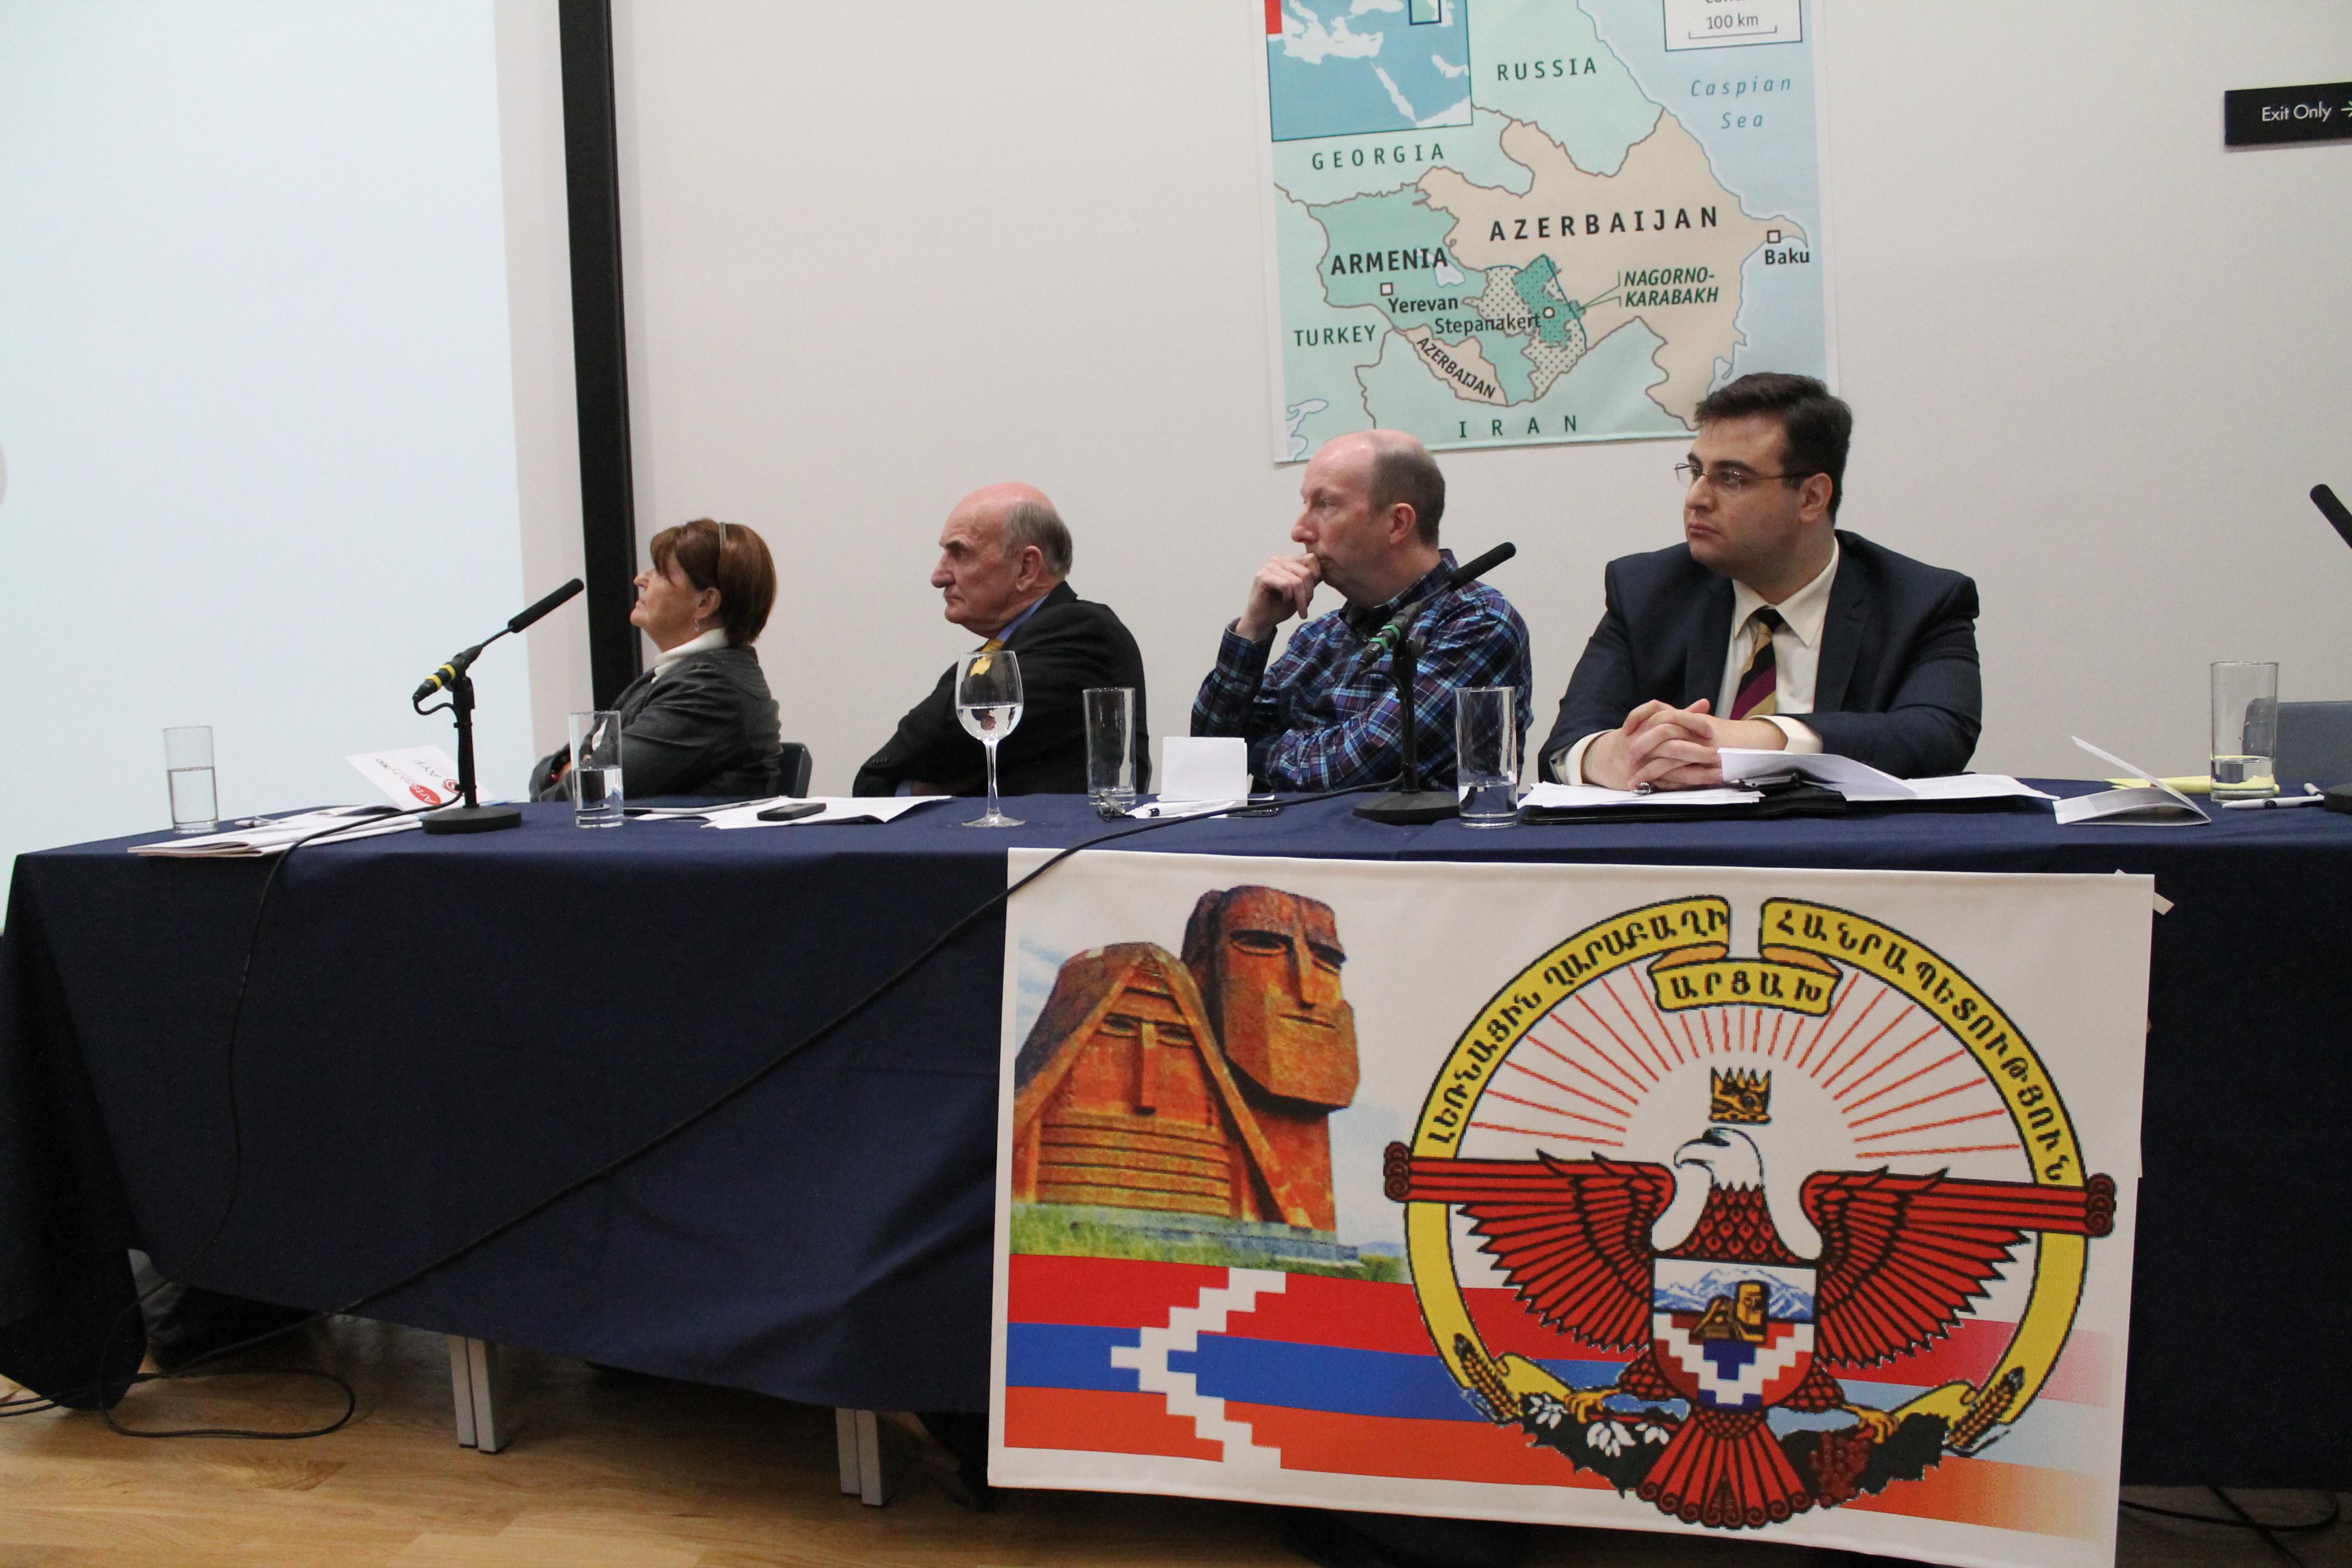 EDITORIAL: AYF London Hosts Artsakh 360